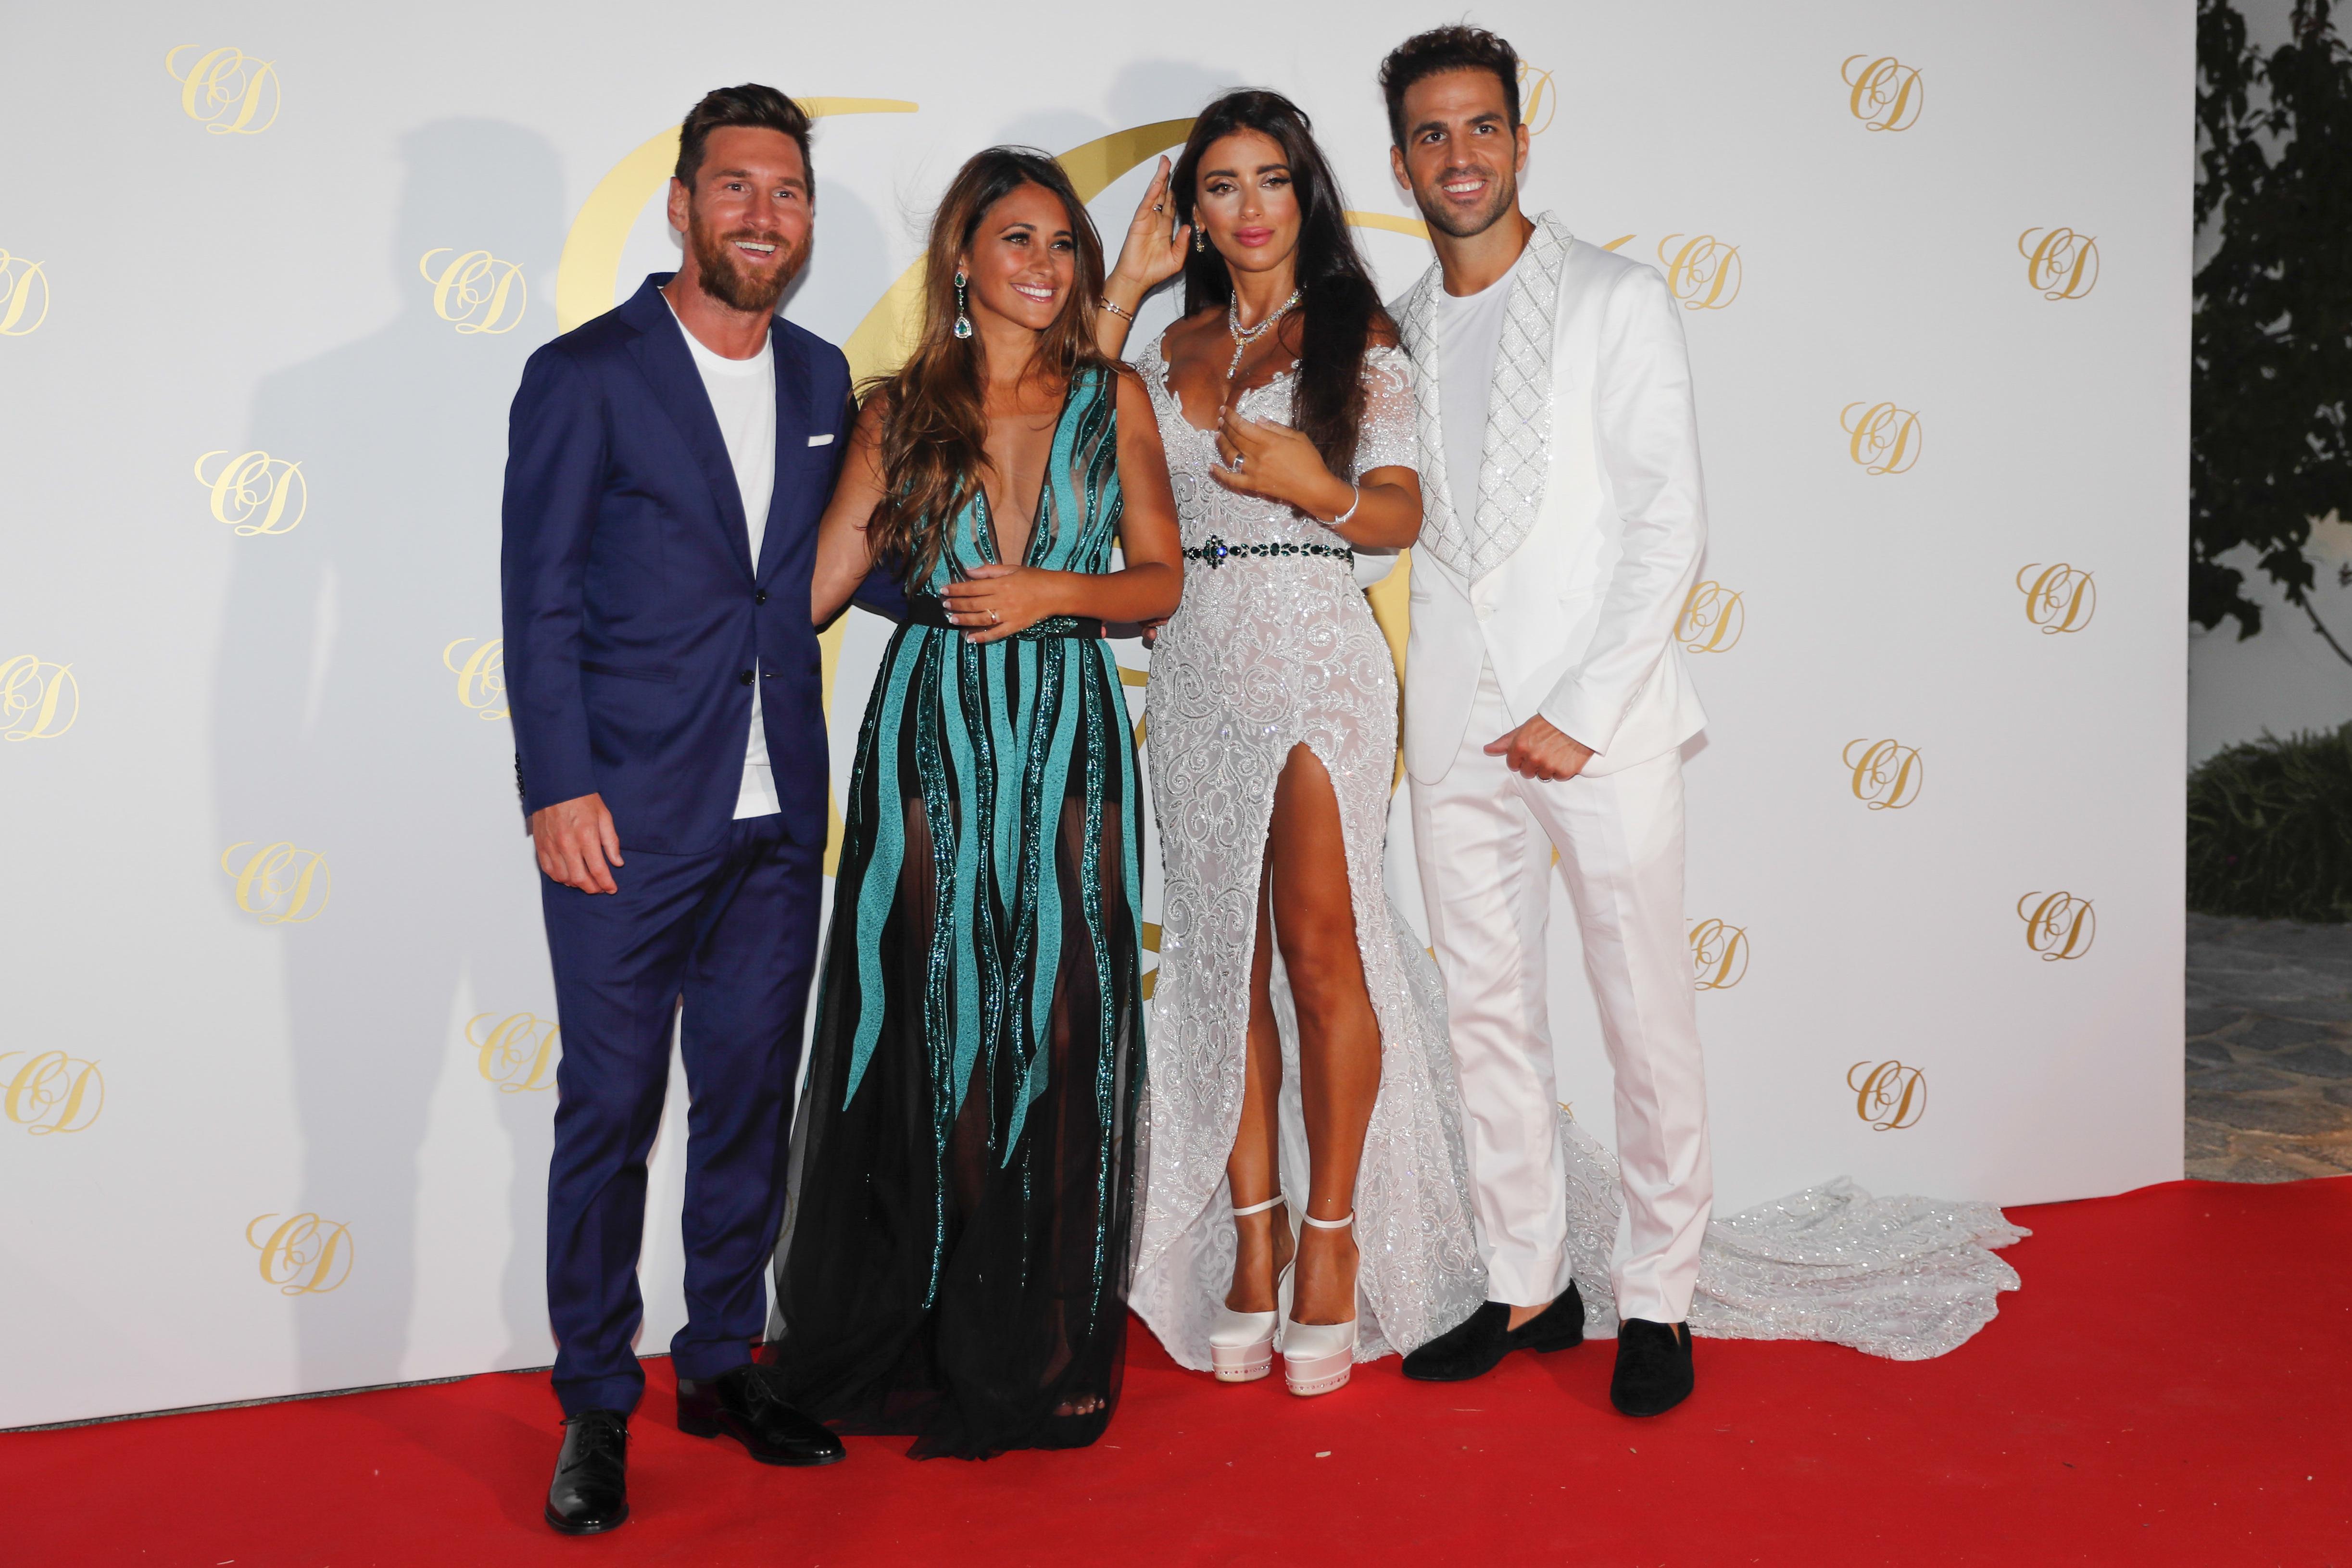 Lionel Messi and Antonella Roccuzzo attend Cesc Fabregas' post-wedding party in Ibiza